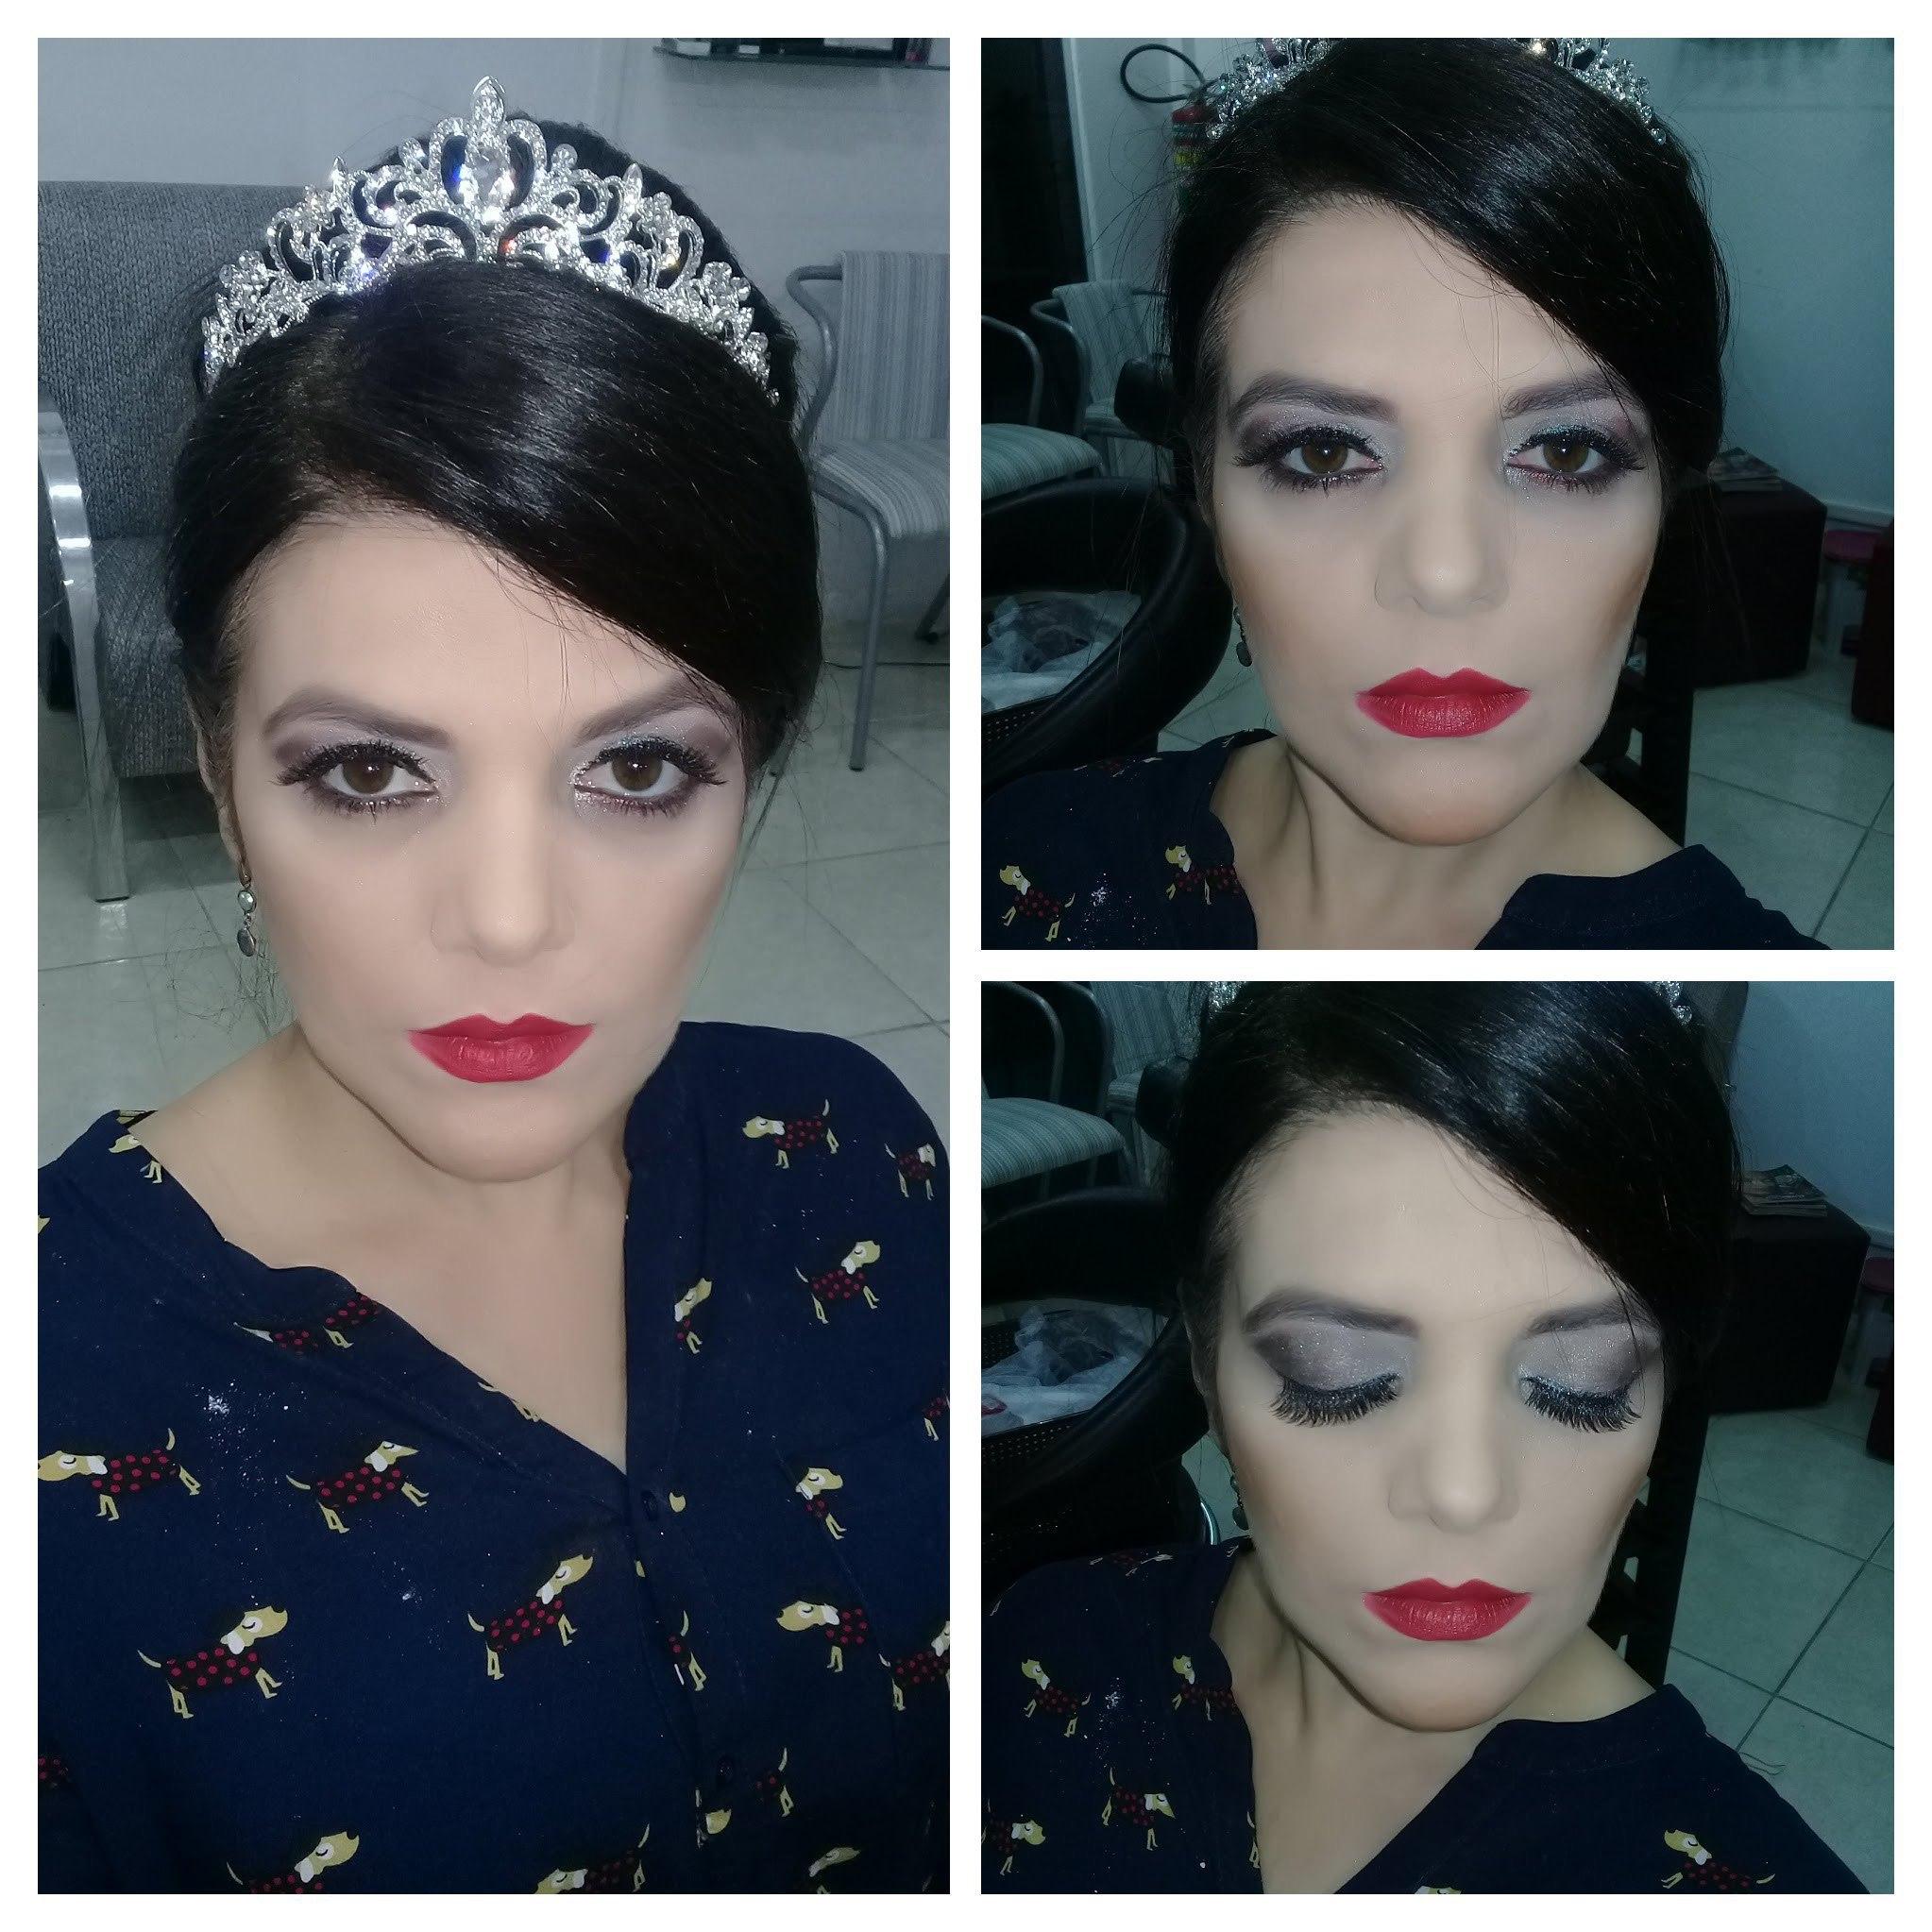 Penteado e maquiagem  maquiagem micropigmentador(a) cabeleireiro(a) maquiador(a)